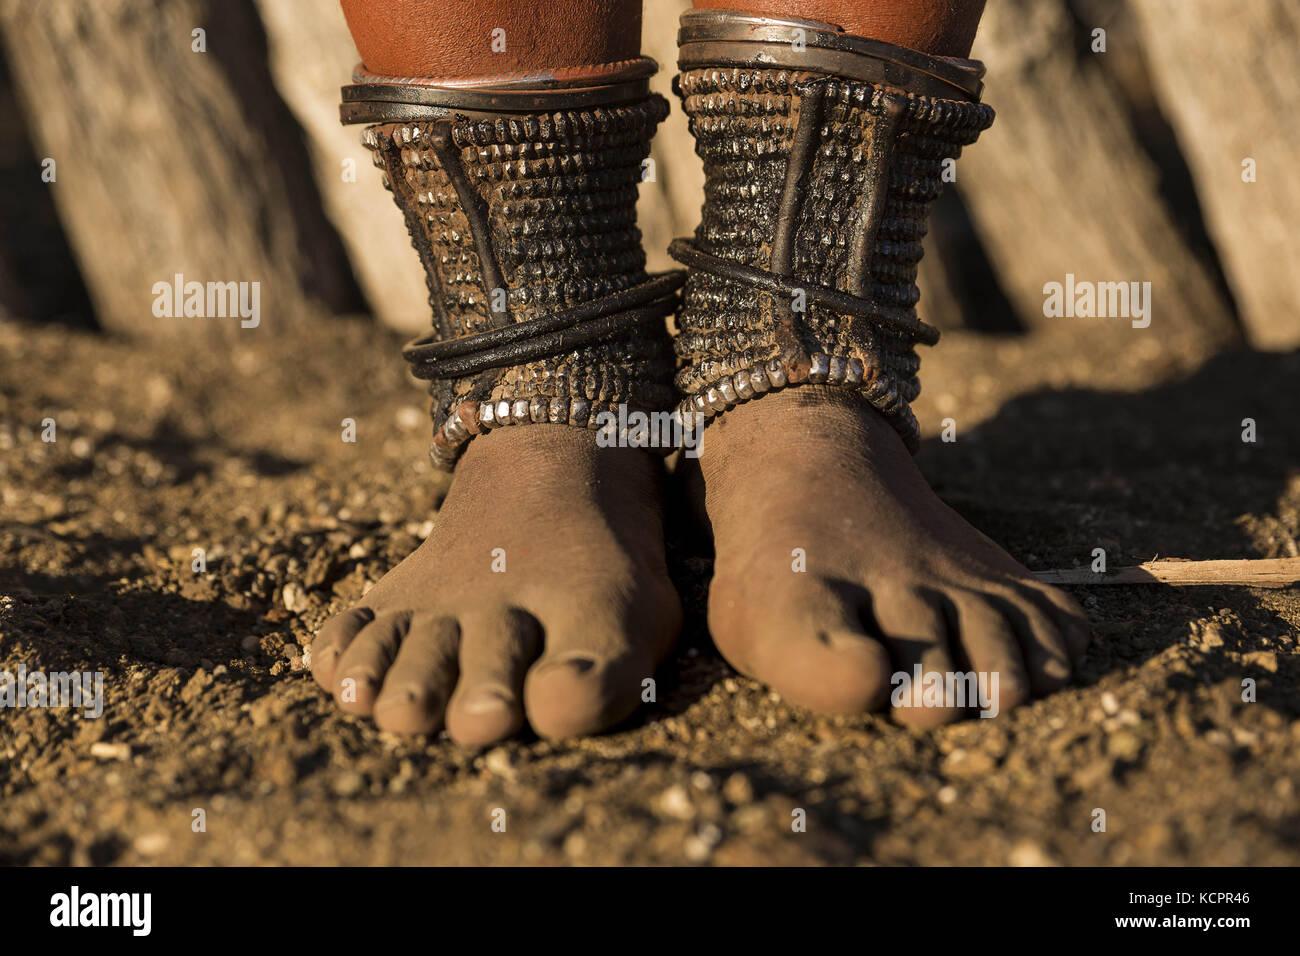 Angola. 24 juillet 2016. Les femmes Himba adultes ont toutes perlé des anklets (Omohanga) qui les aident à cacher leur argent. Les anklets protègent également les jambes des morsures venimeuses d'animaux. Crédit : Tariq Zaidi/ZUMA Wire/Alay Live News Banque D'Images